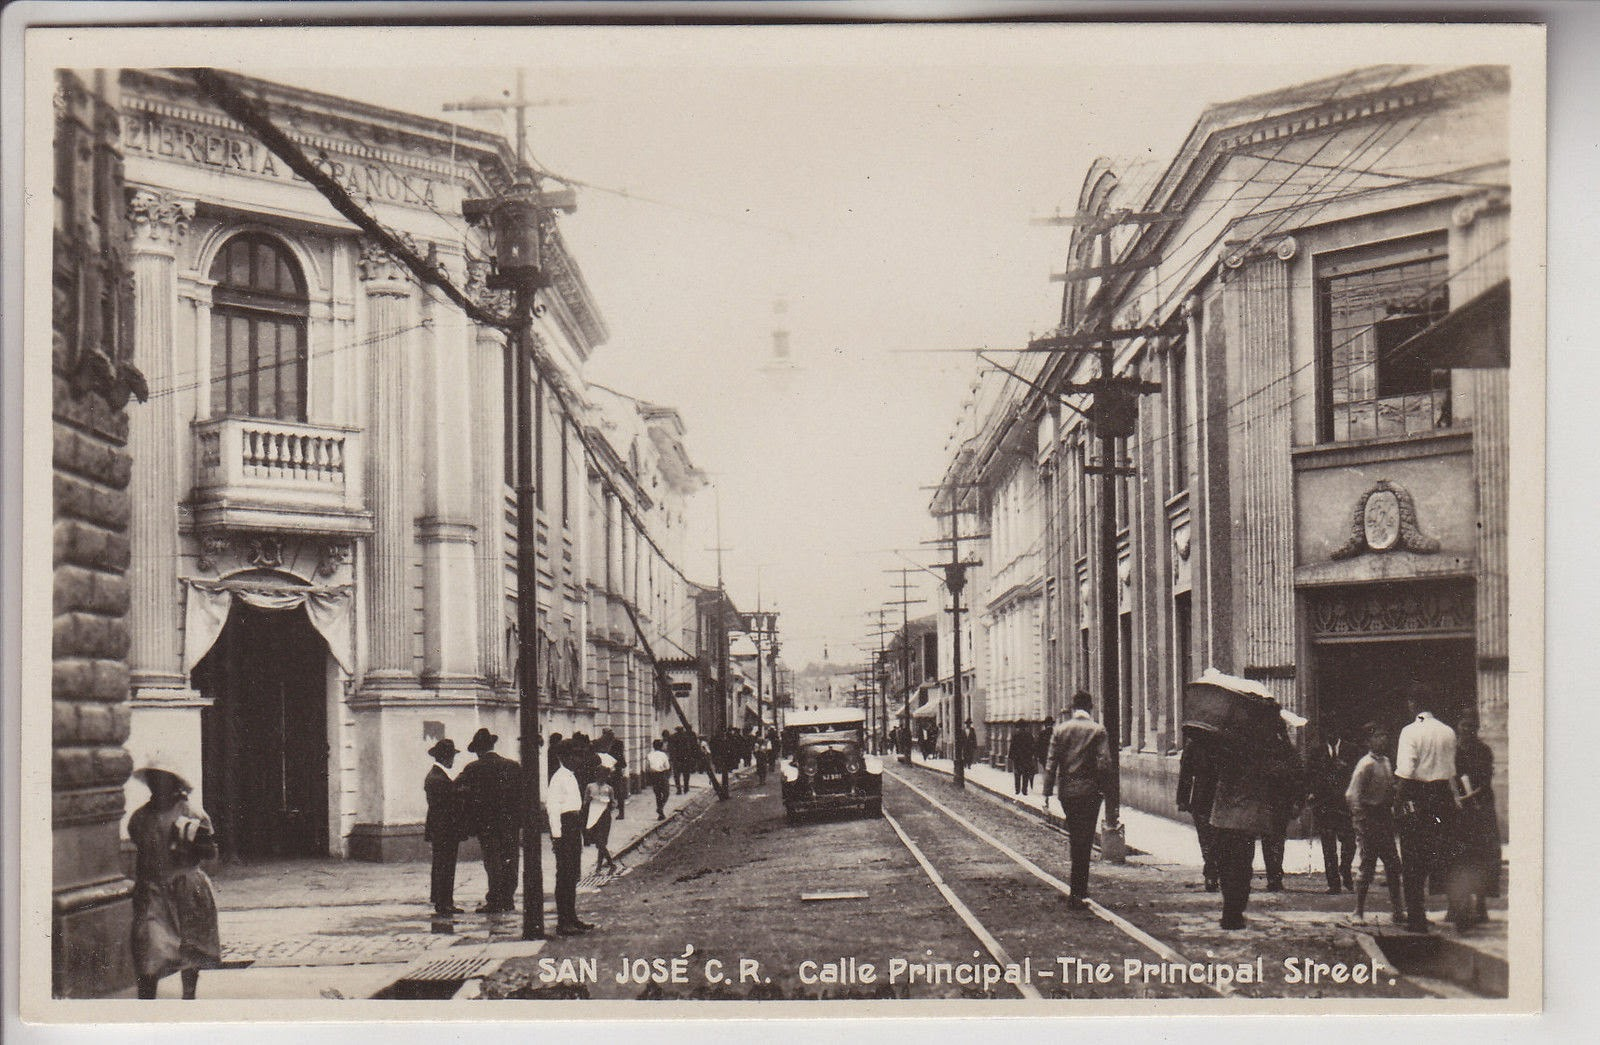 Resultado de imagen para fotos antiguas del edificio knohr costa rica